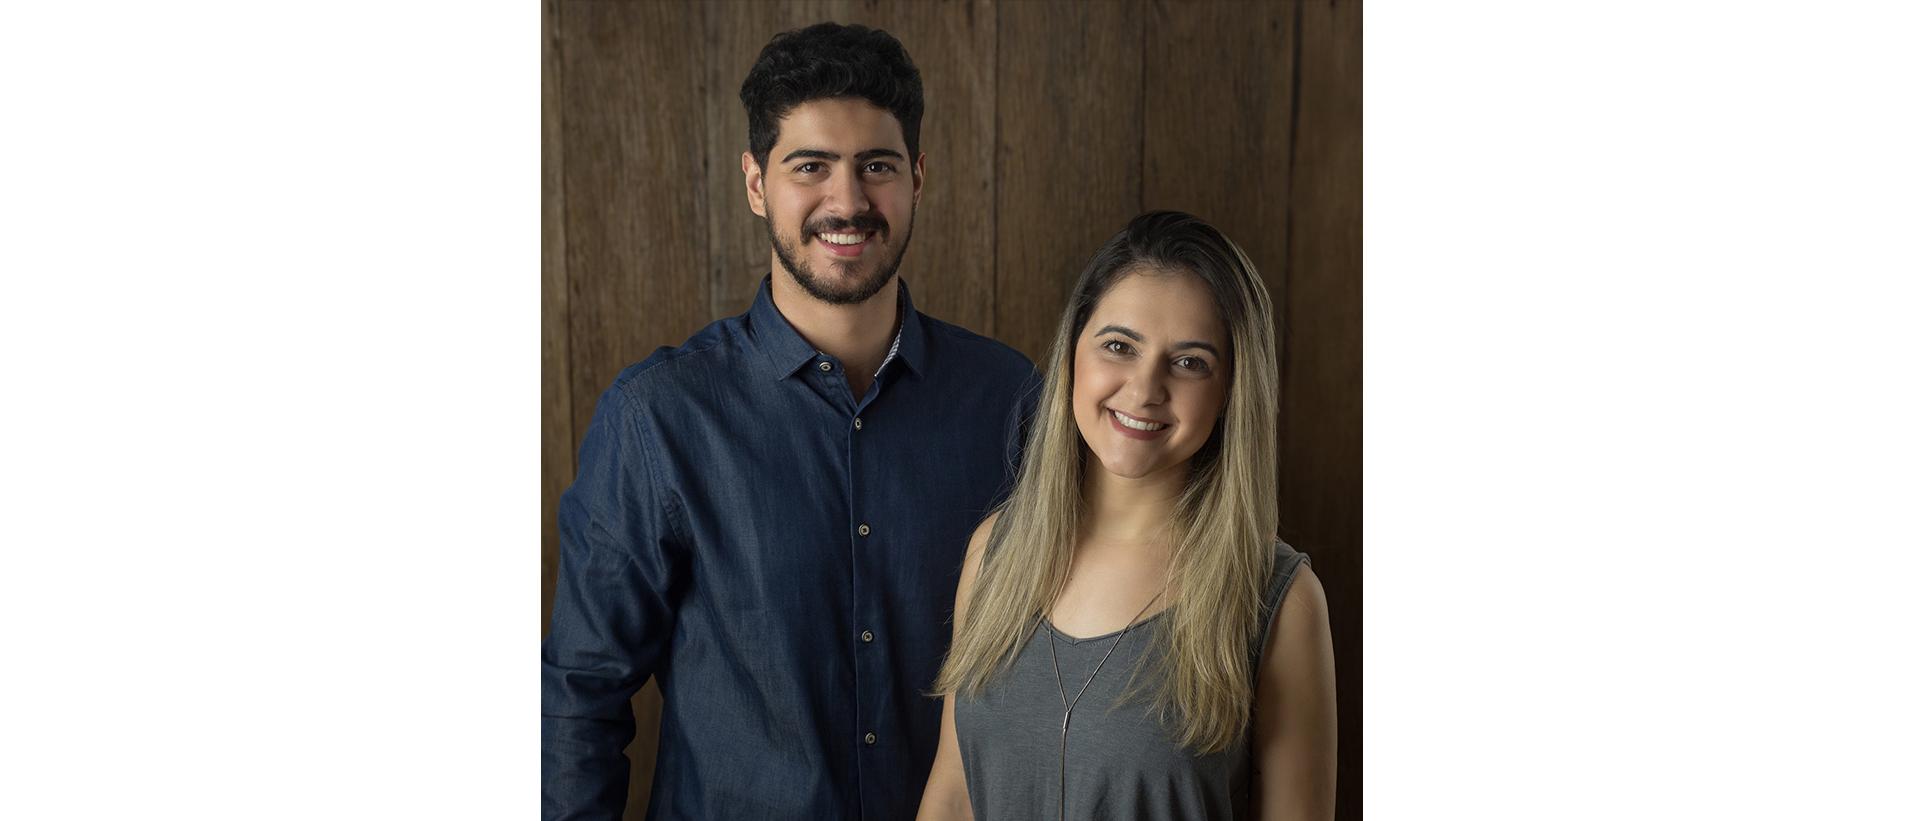 Sobre João e Marina Fotografia - Estúdio de fotografia especializado em Newborn, Gestantes e Bebês